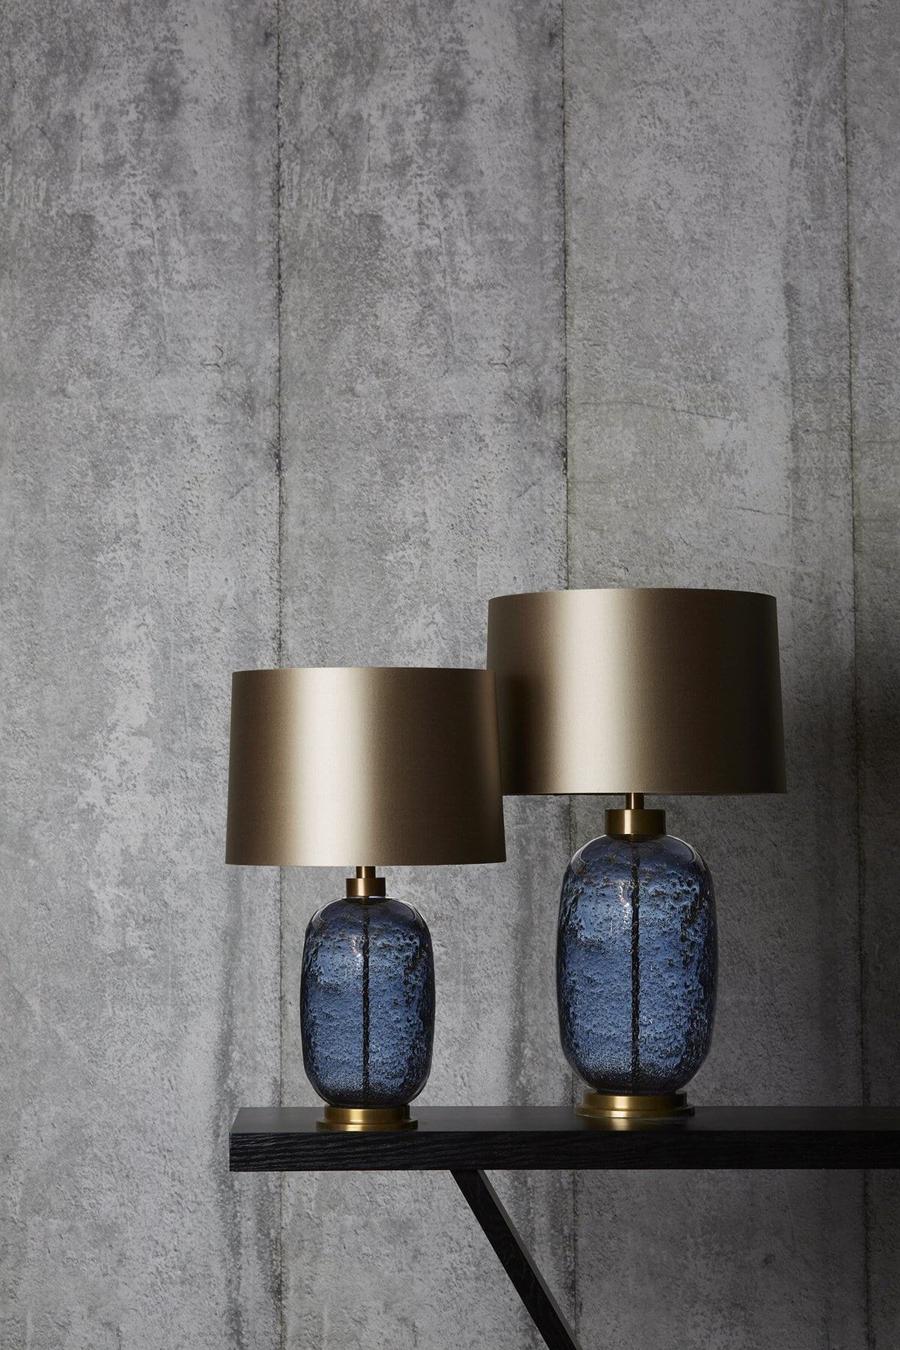 Lamparas Unicas Para Un Diseno Interior Unico Y Extraordinario Deja Que Tu Creatividad E In Table Lamp Design Table Lamps For Bedroom Contemporary Table Lamps